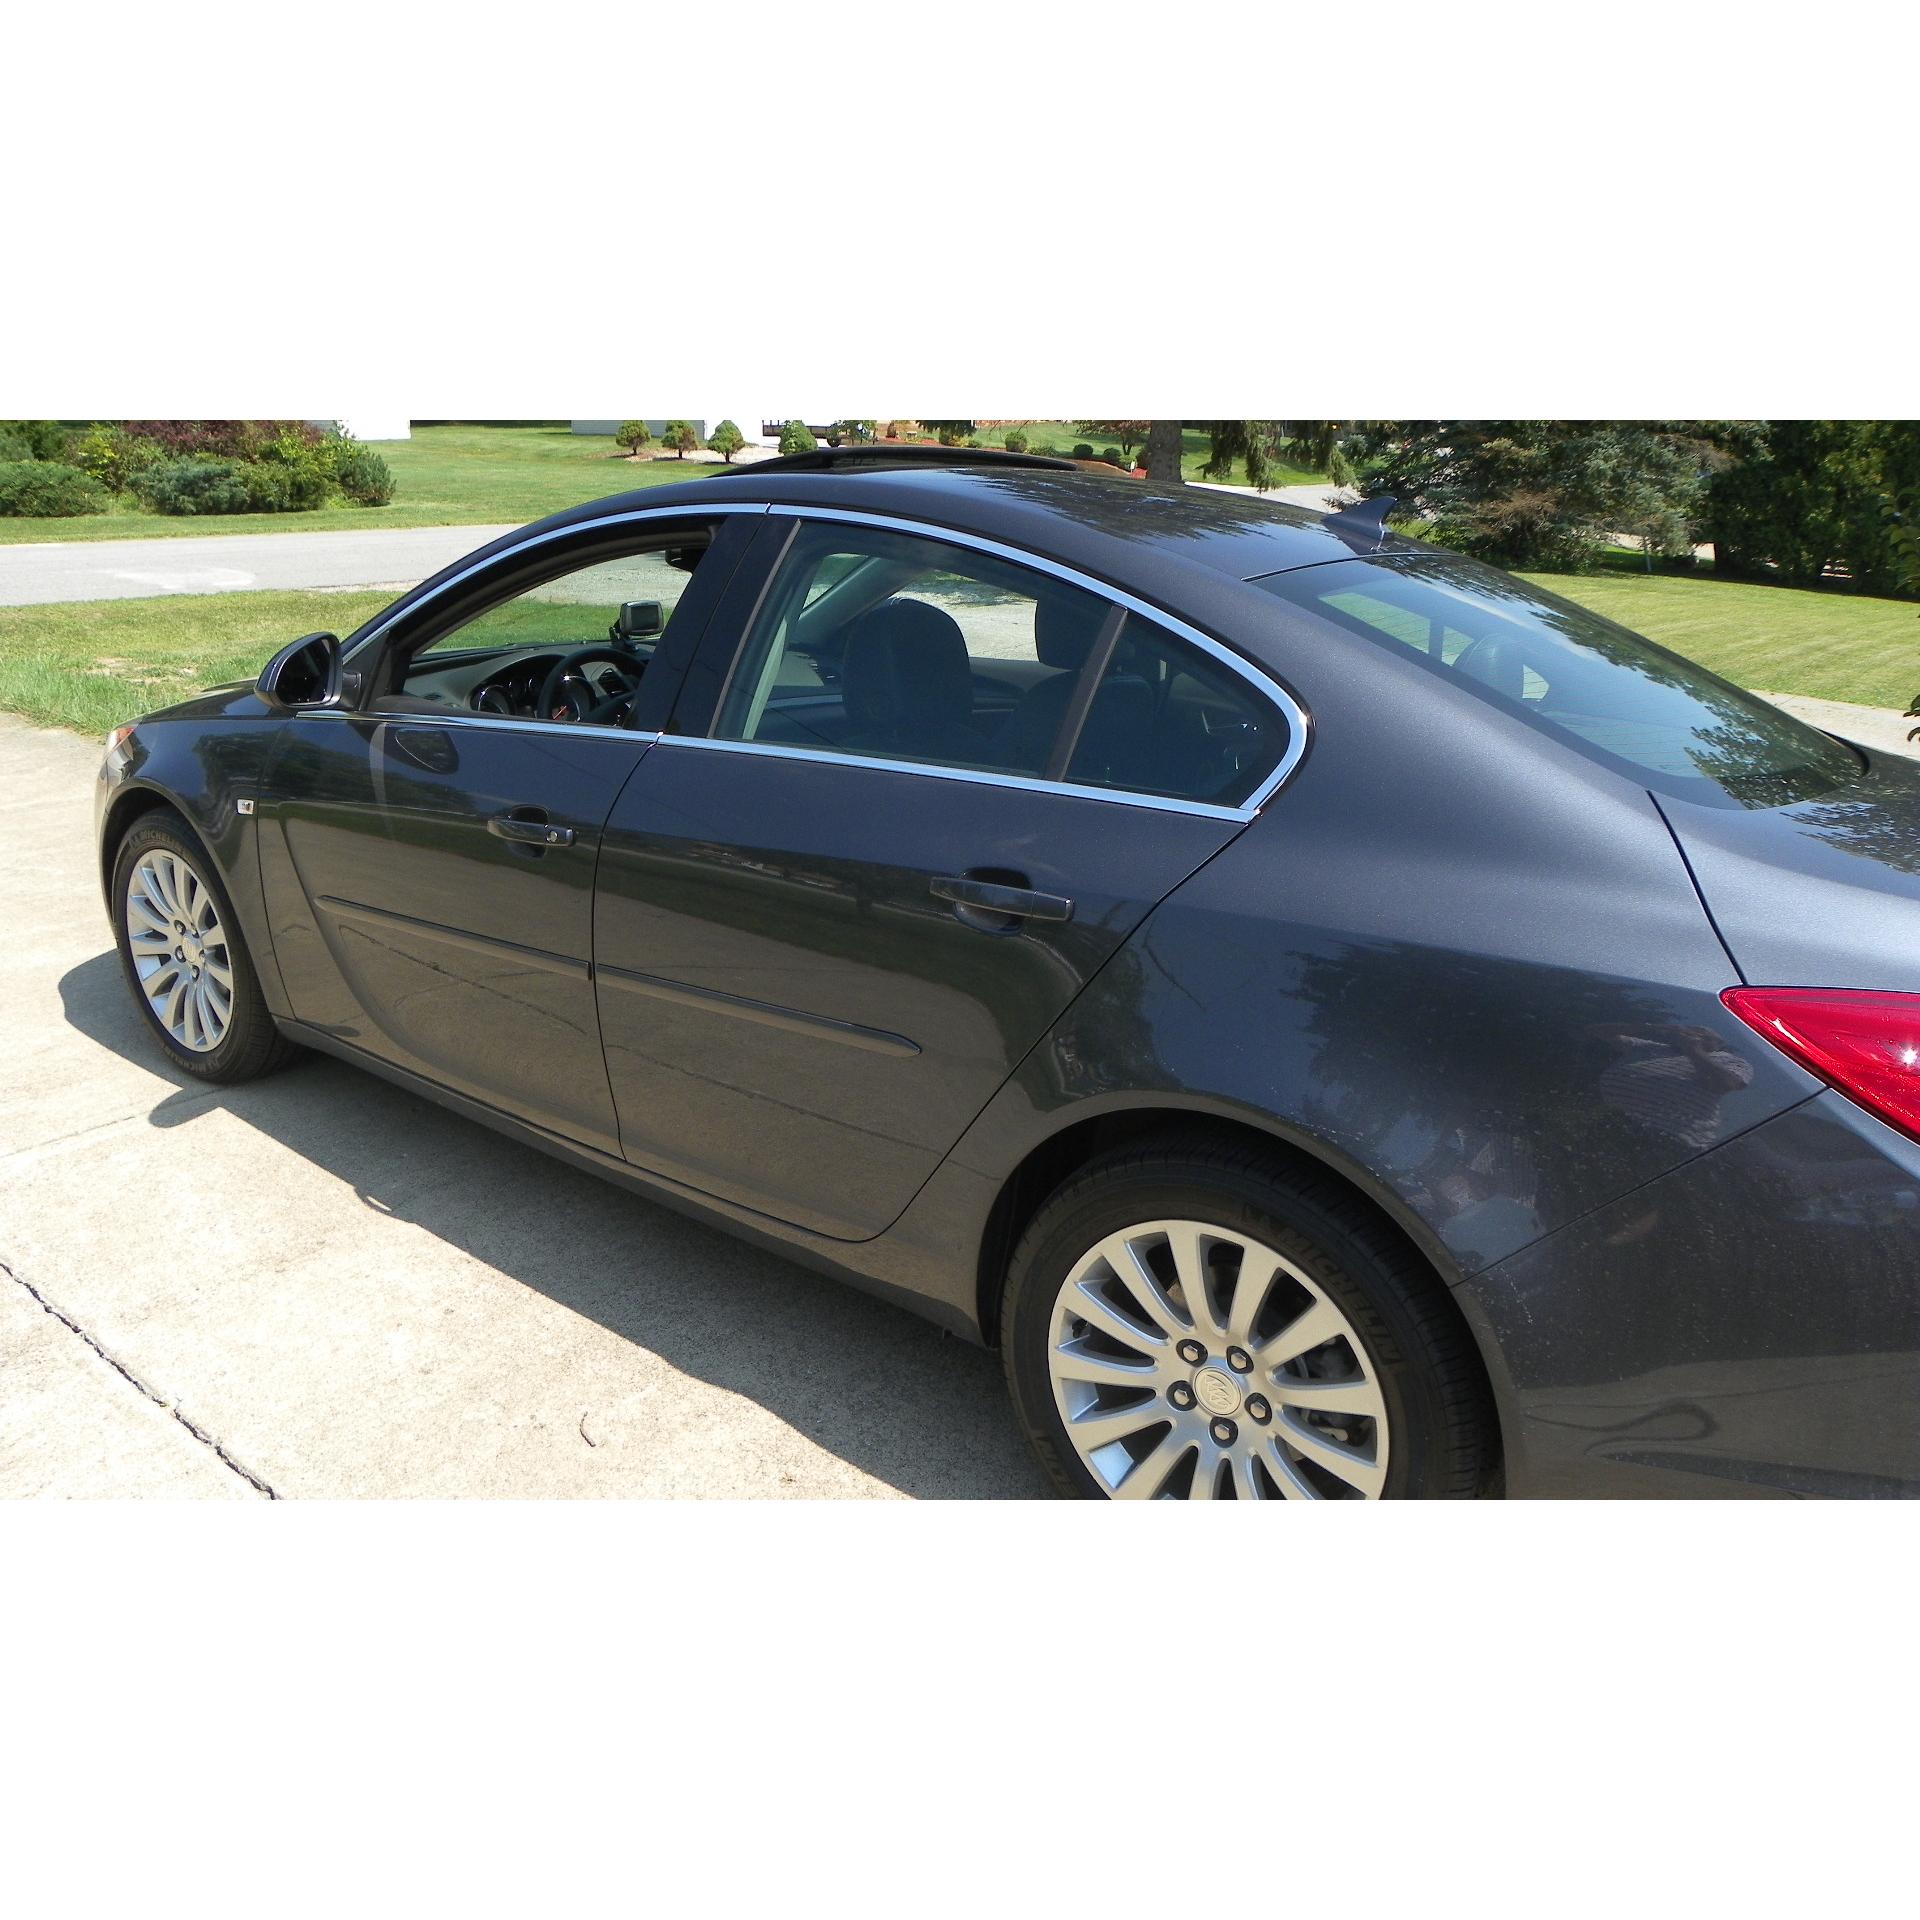 sedan premium regal buick internet the at turbo detail used car